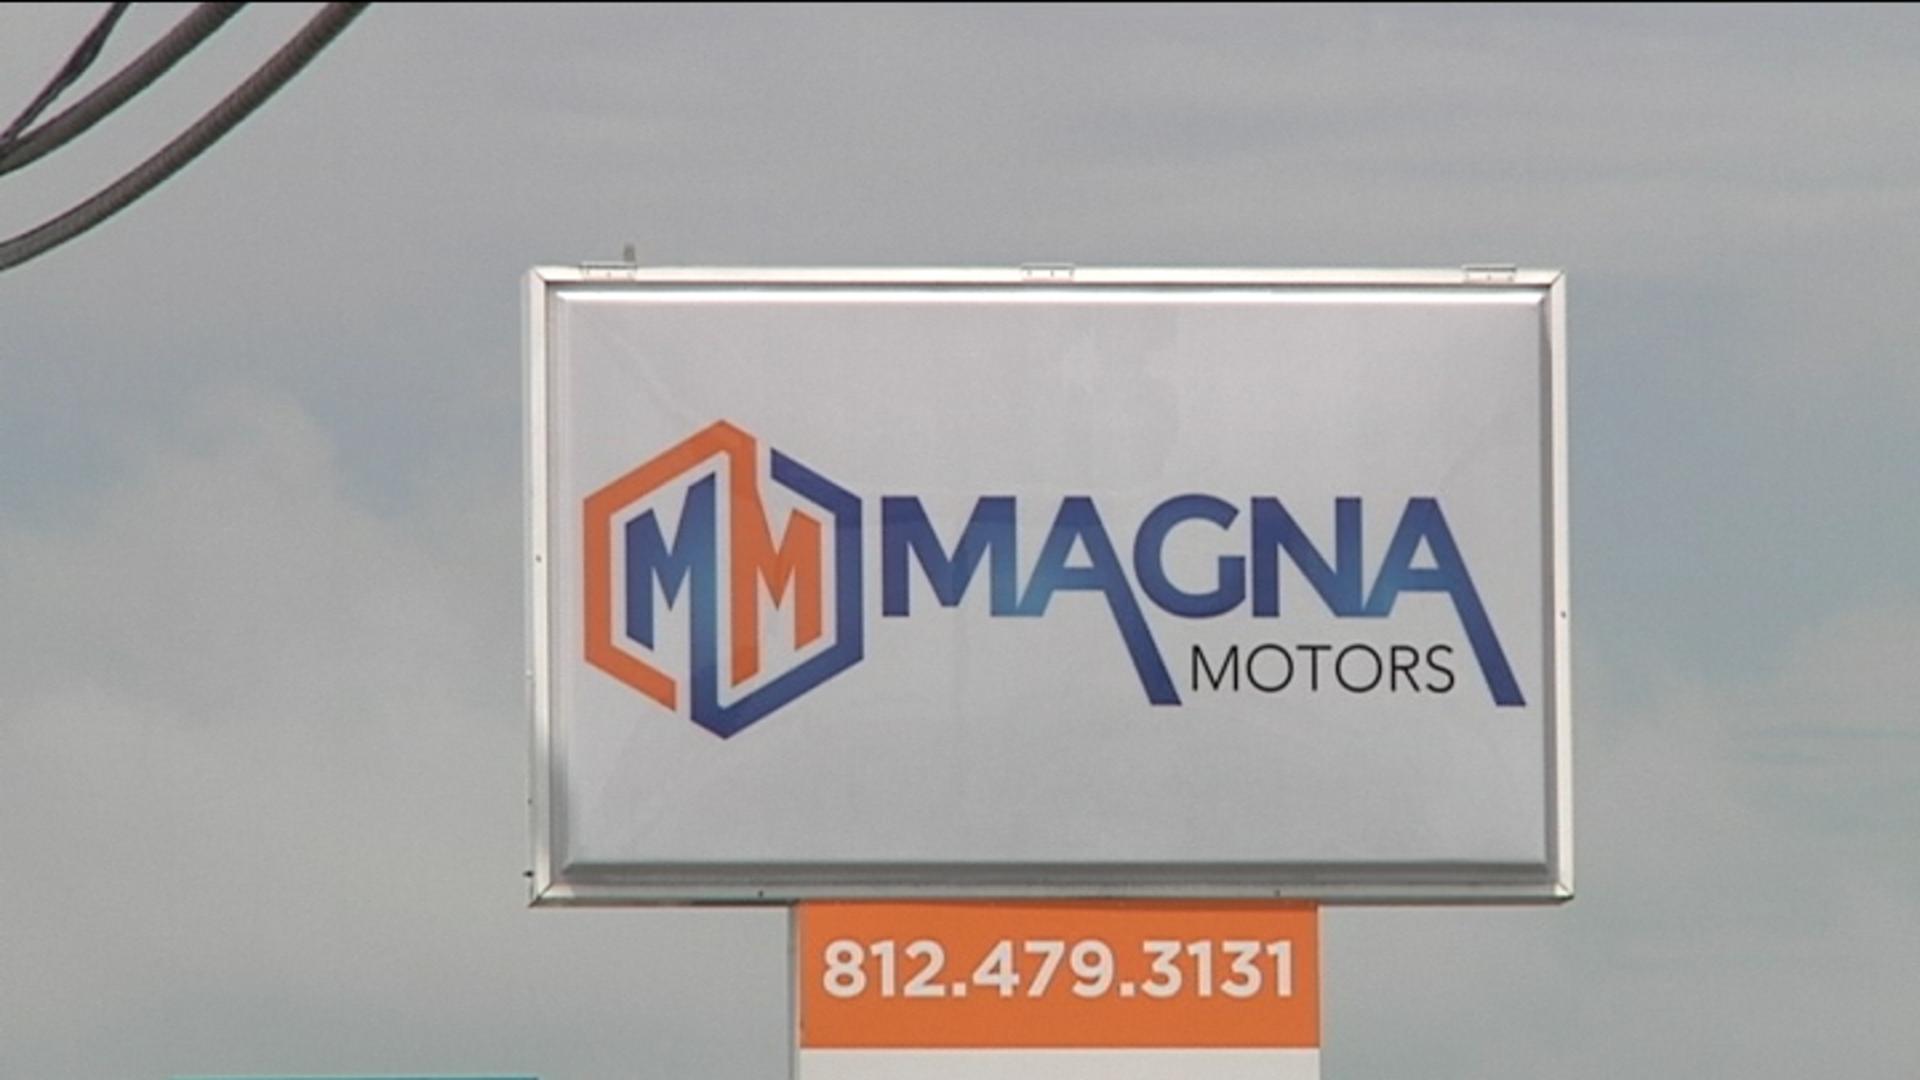 magna motors_1532110702979.jpg.jpg